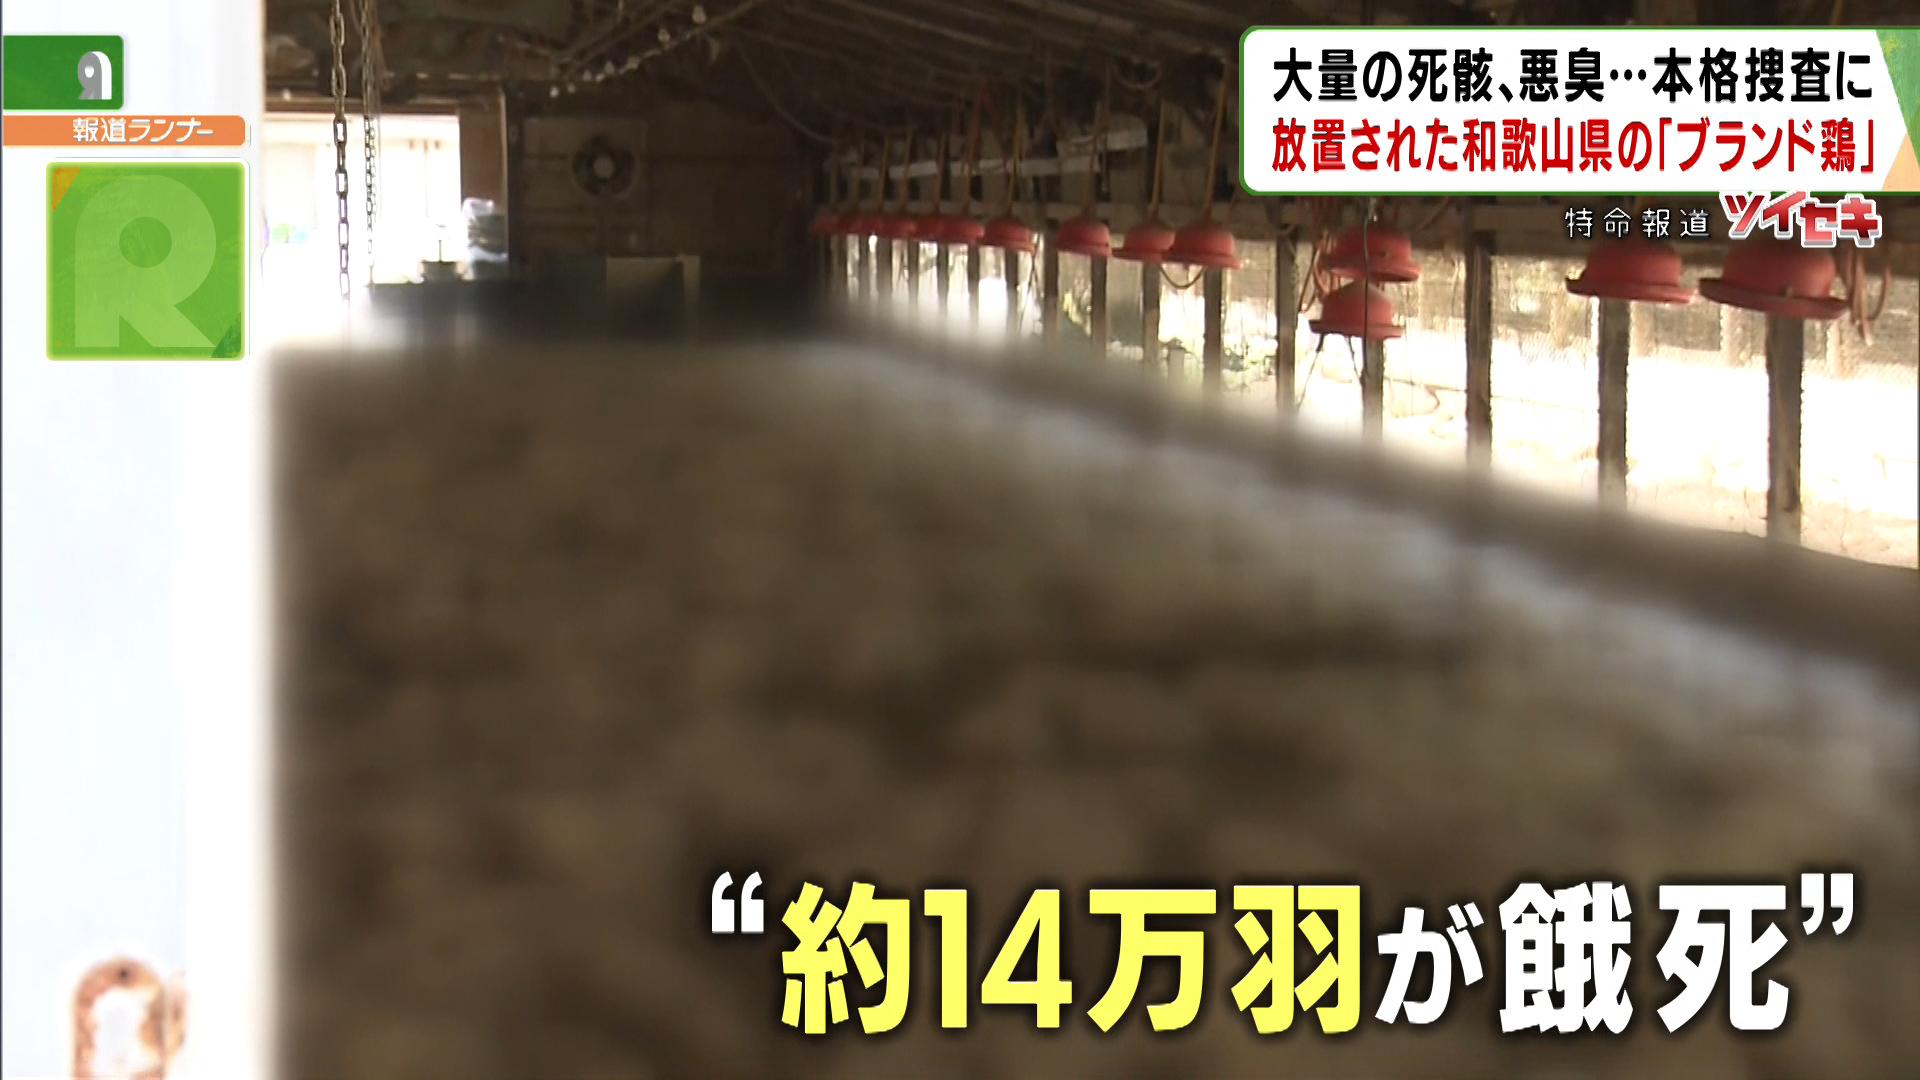 悪臭放つ14万羽の死骸、放置された大量のフンから火災も…和歌山県のブランド鶏「紀州うめどり」経営破綻の裏に「不可解な動き」